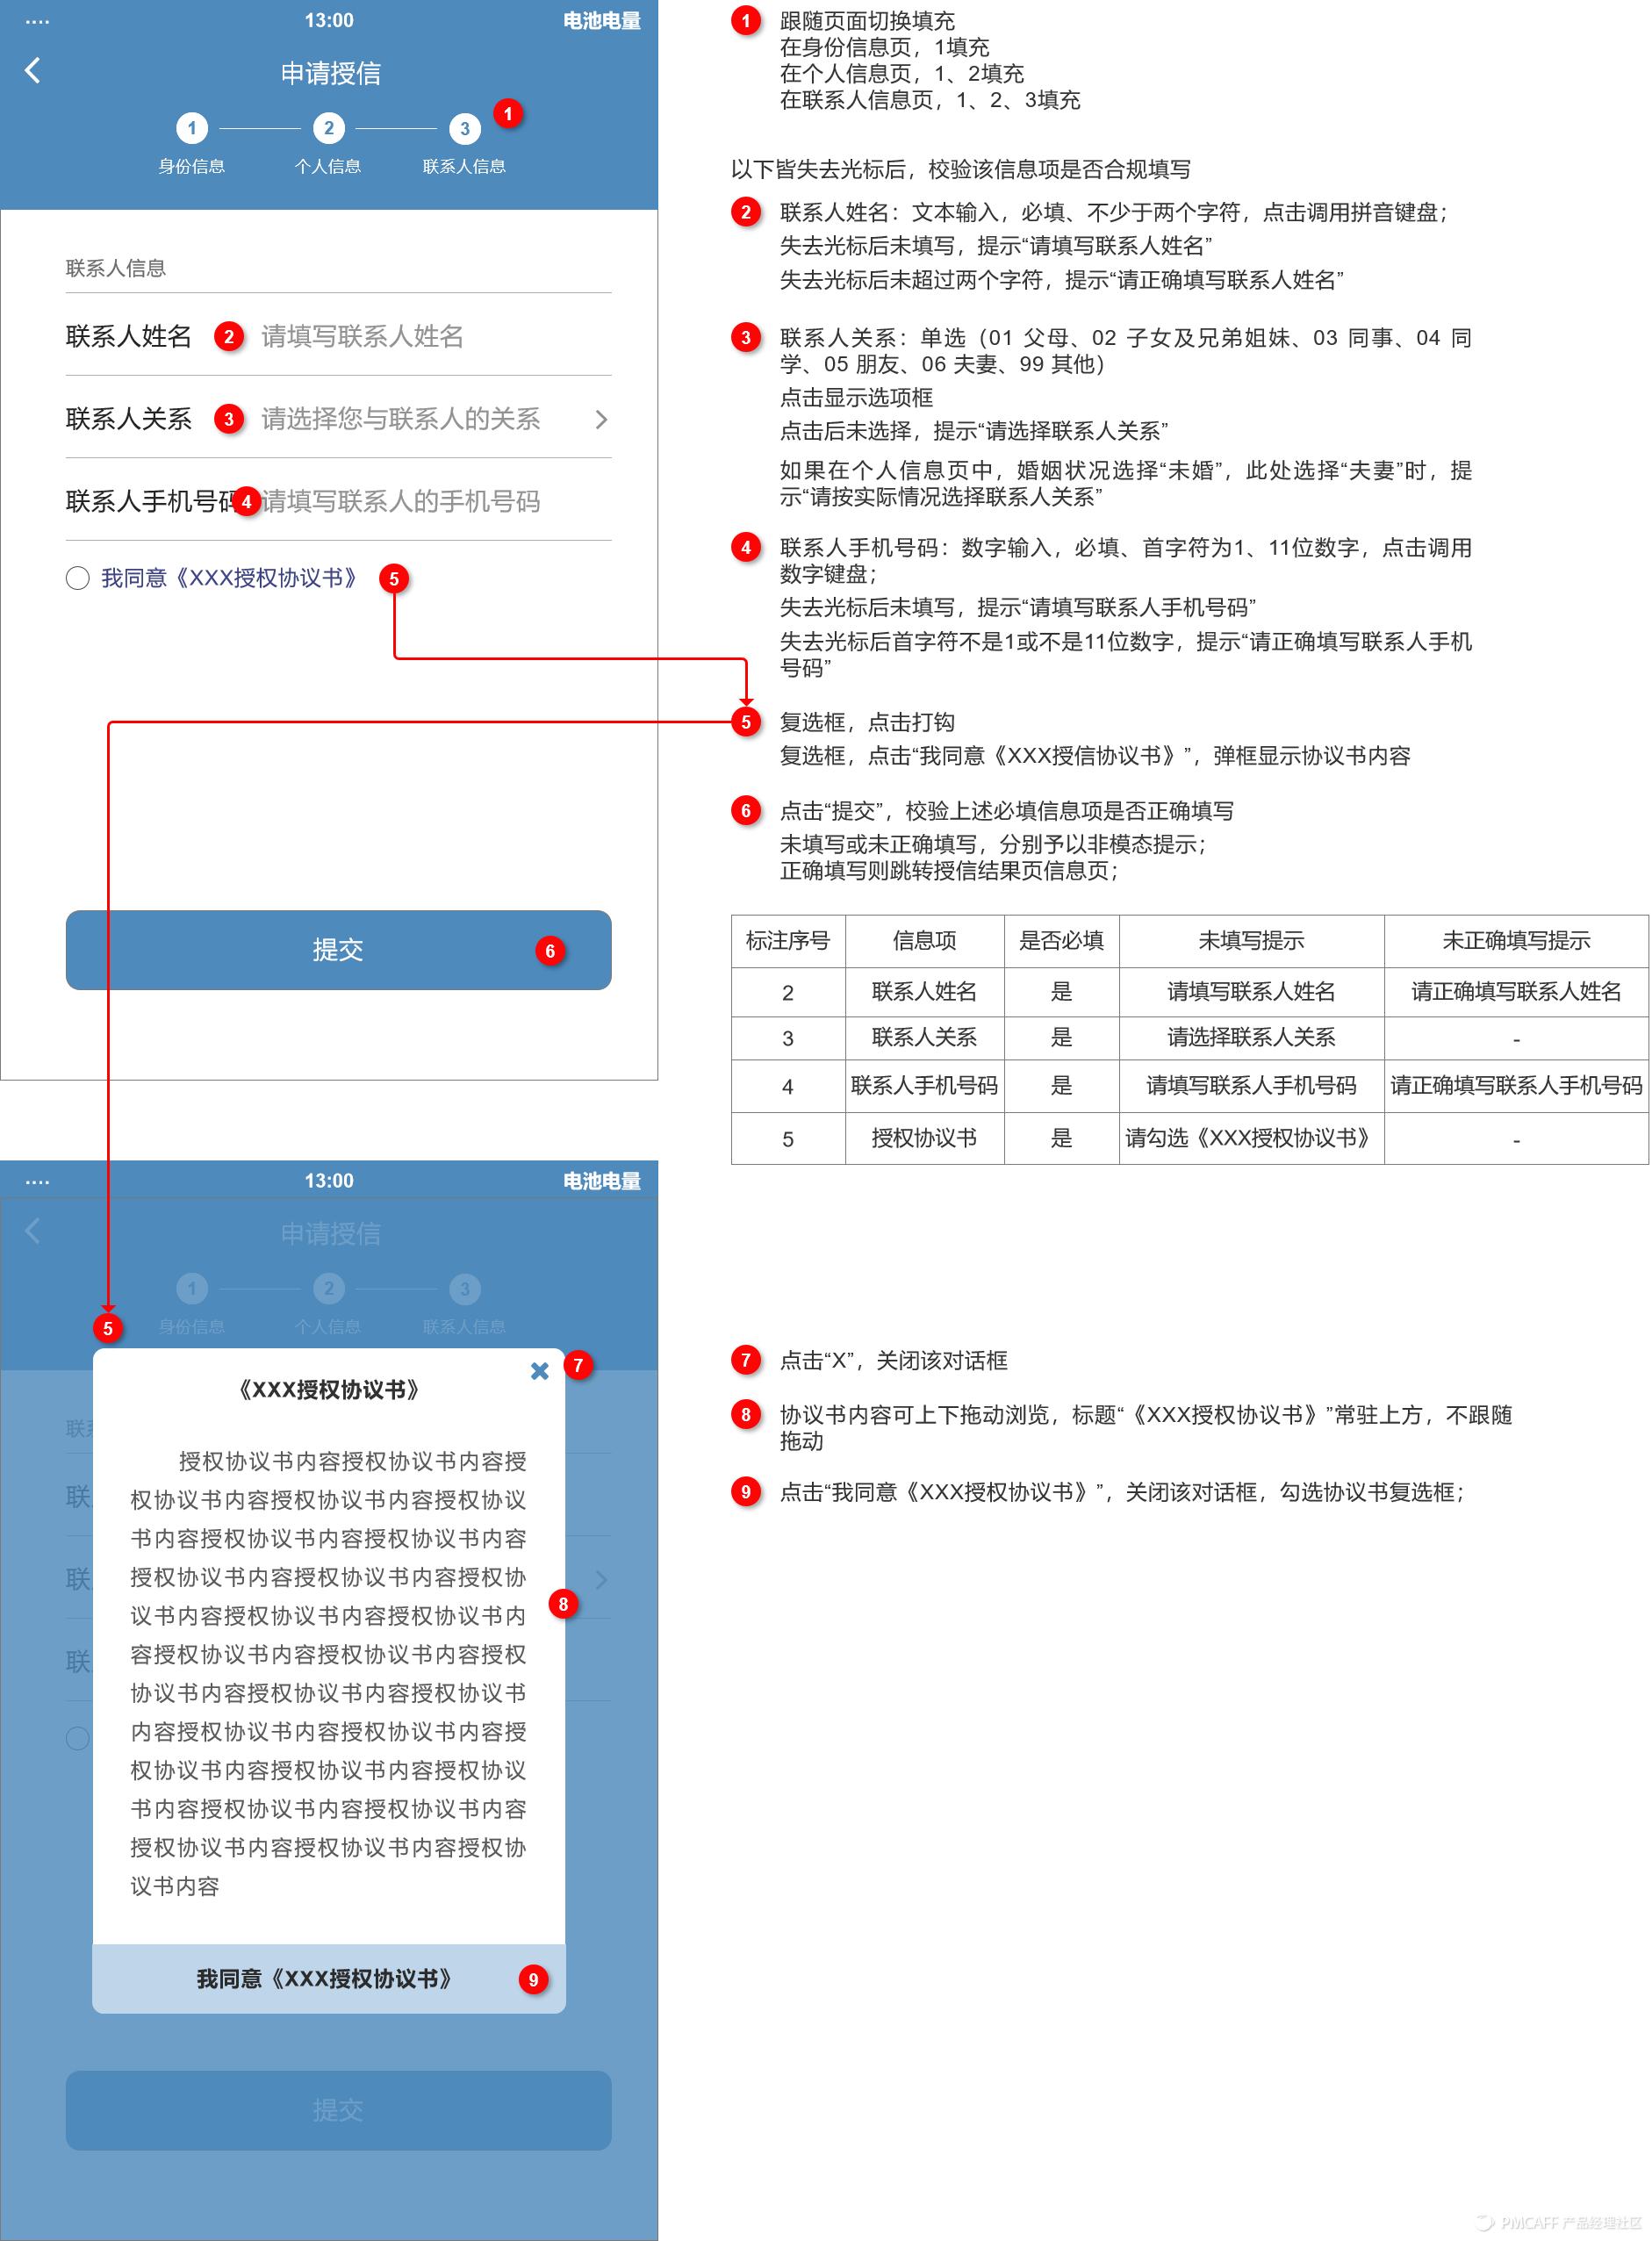 信贷H5产品需求文档插图20